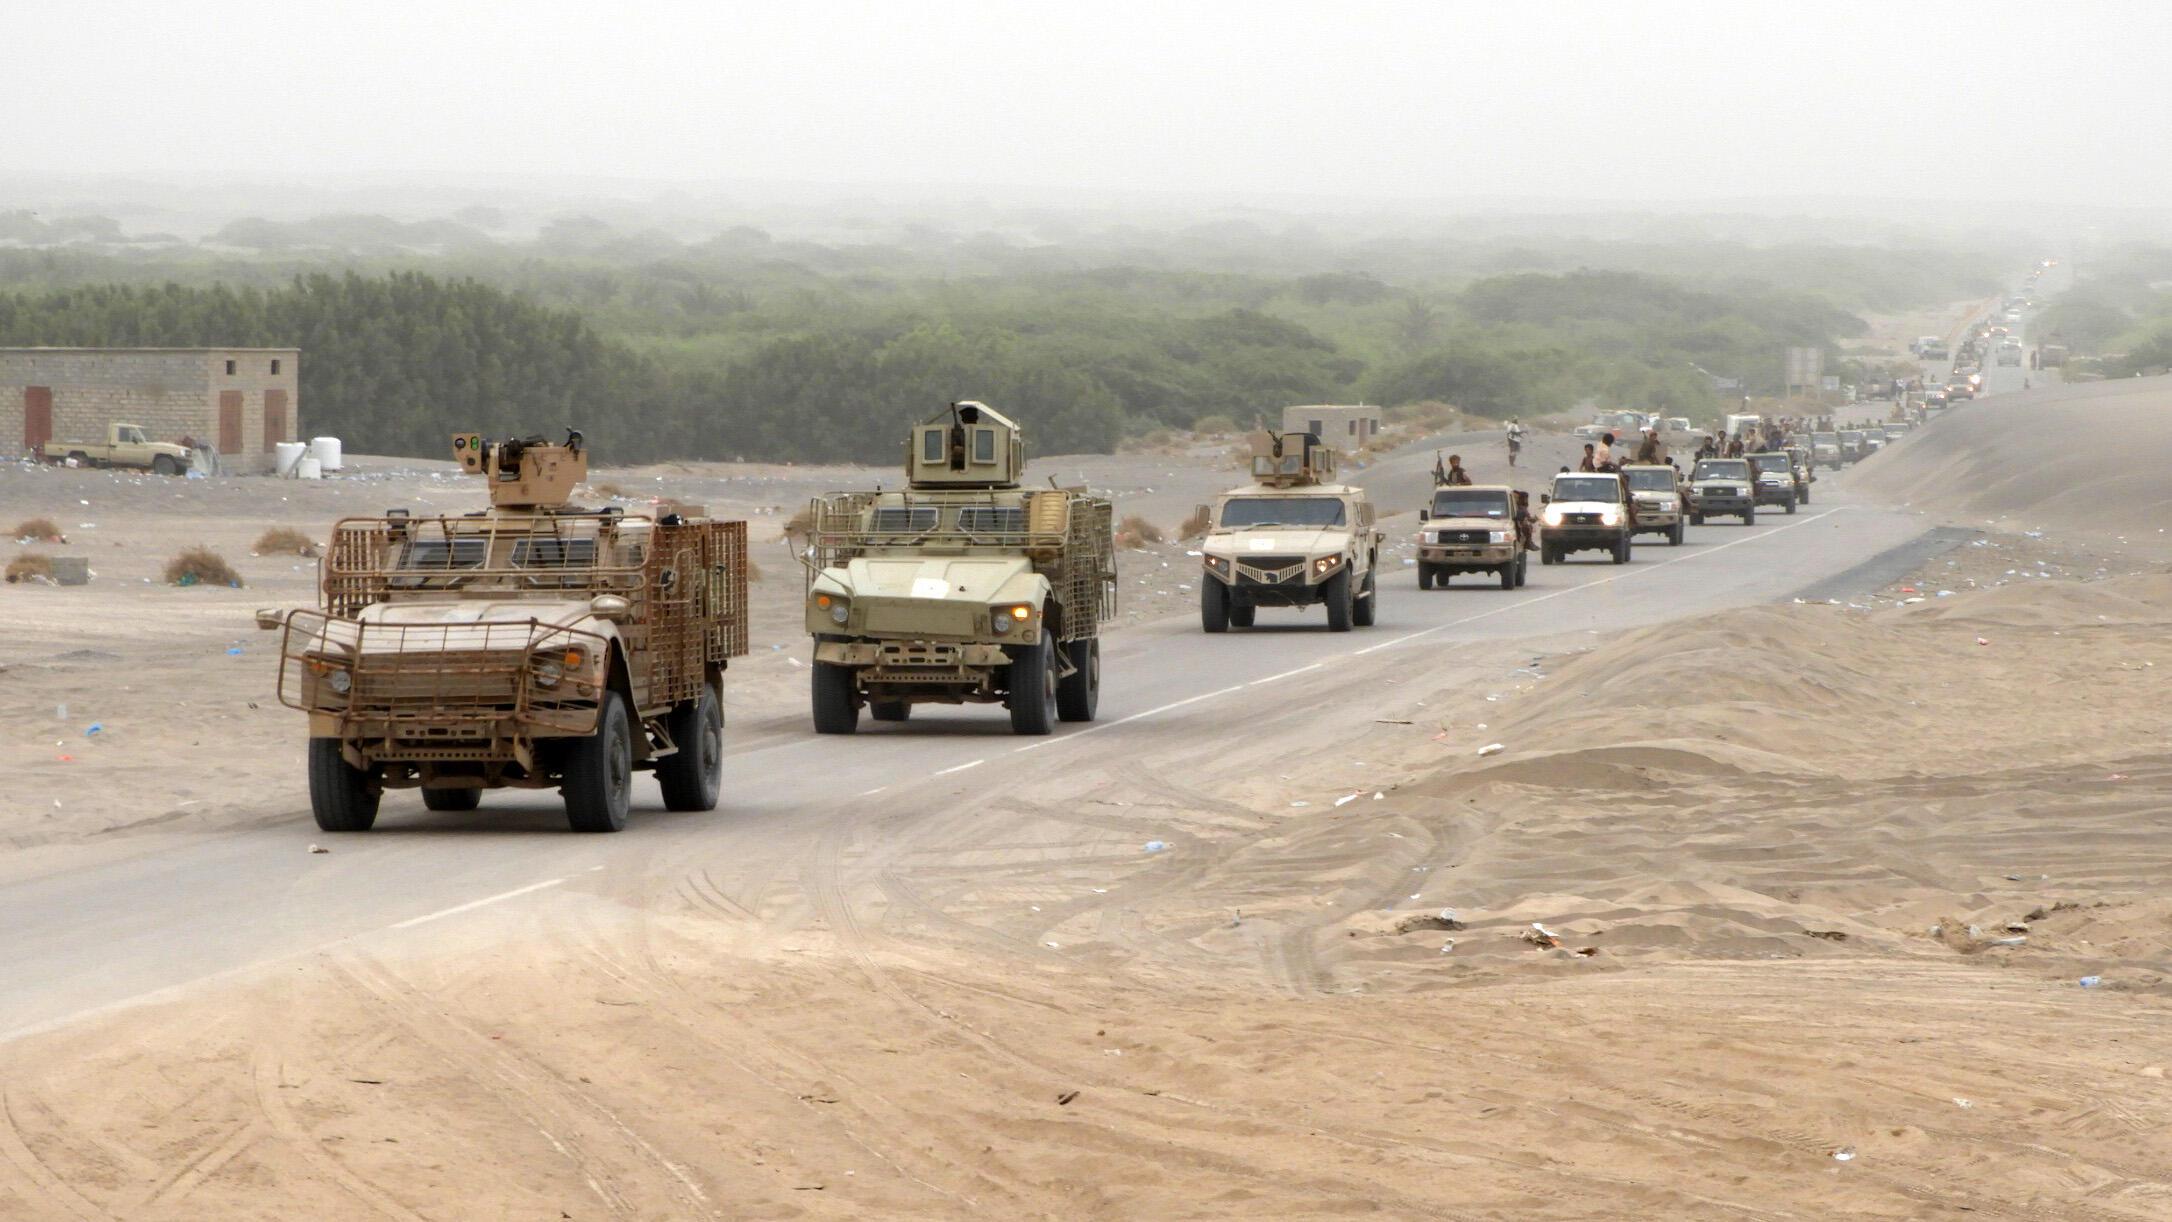 Une colonne des forces pro-gouvernementales se dirigeant vers Hodeida, dans l'ouest du Yémen, le 13 juin 2018.